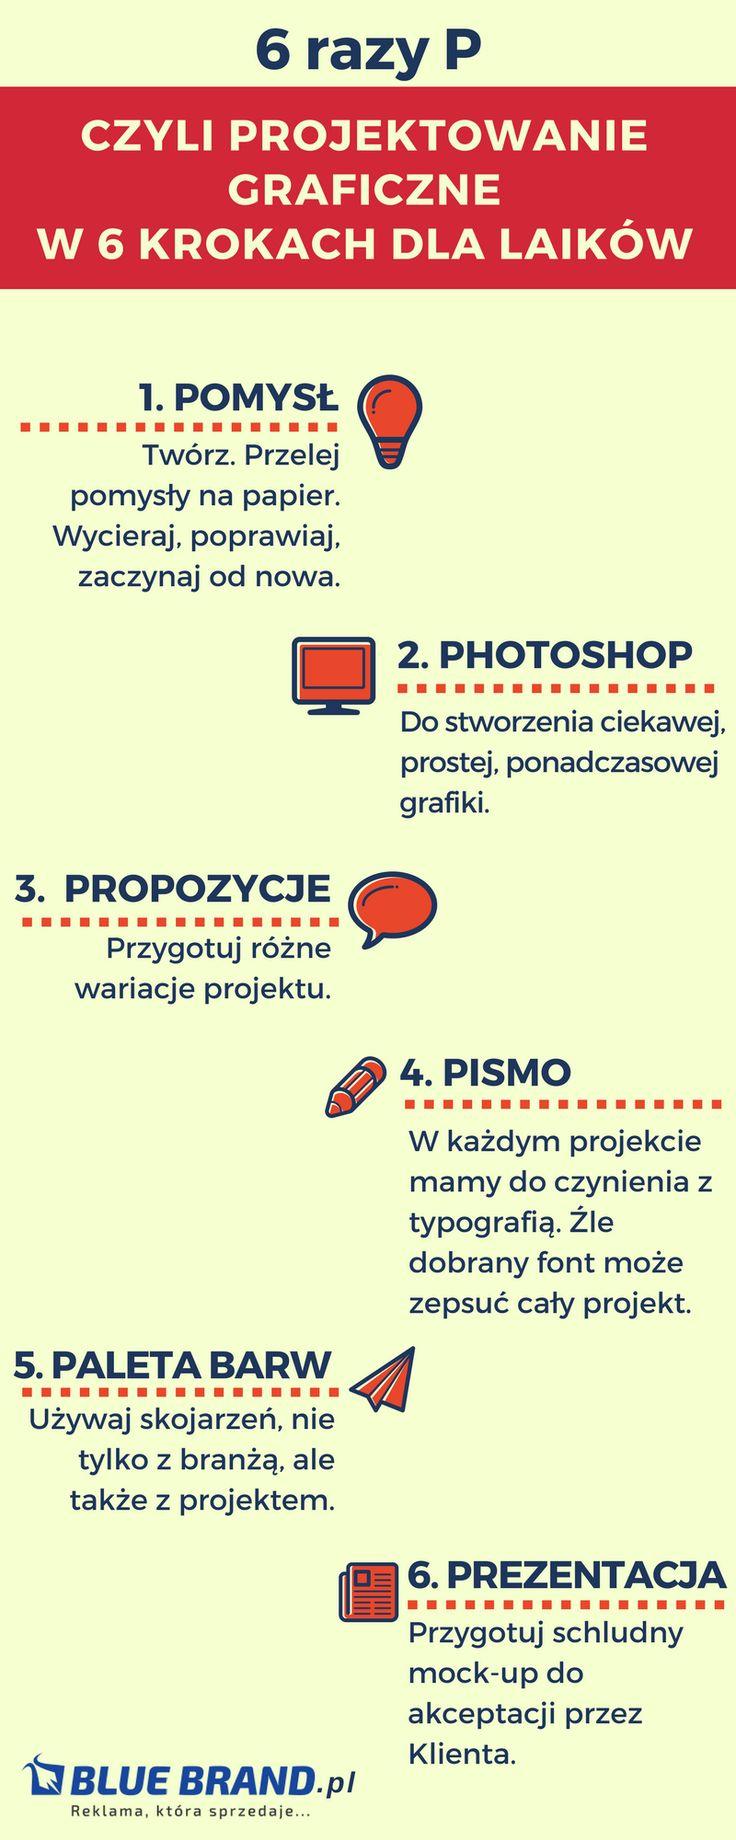 6 razy P, czyli projektowanie graficzne w 6 krokach dla laików - Blue Brand Reklama która sprzedaje